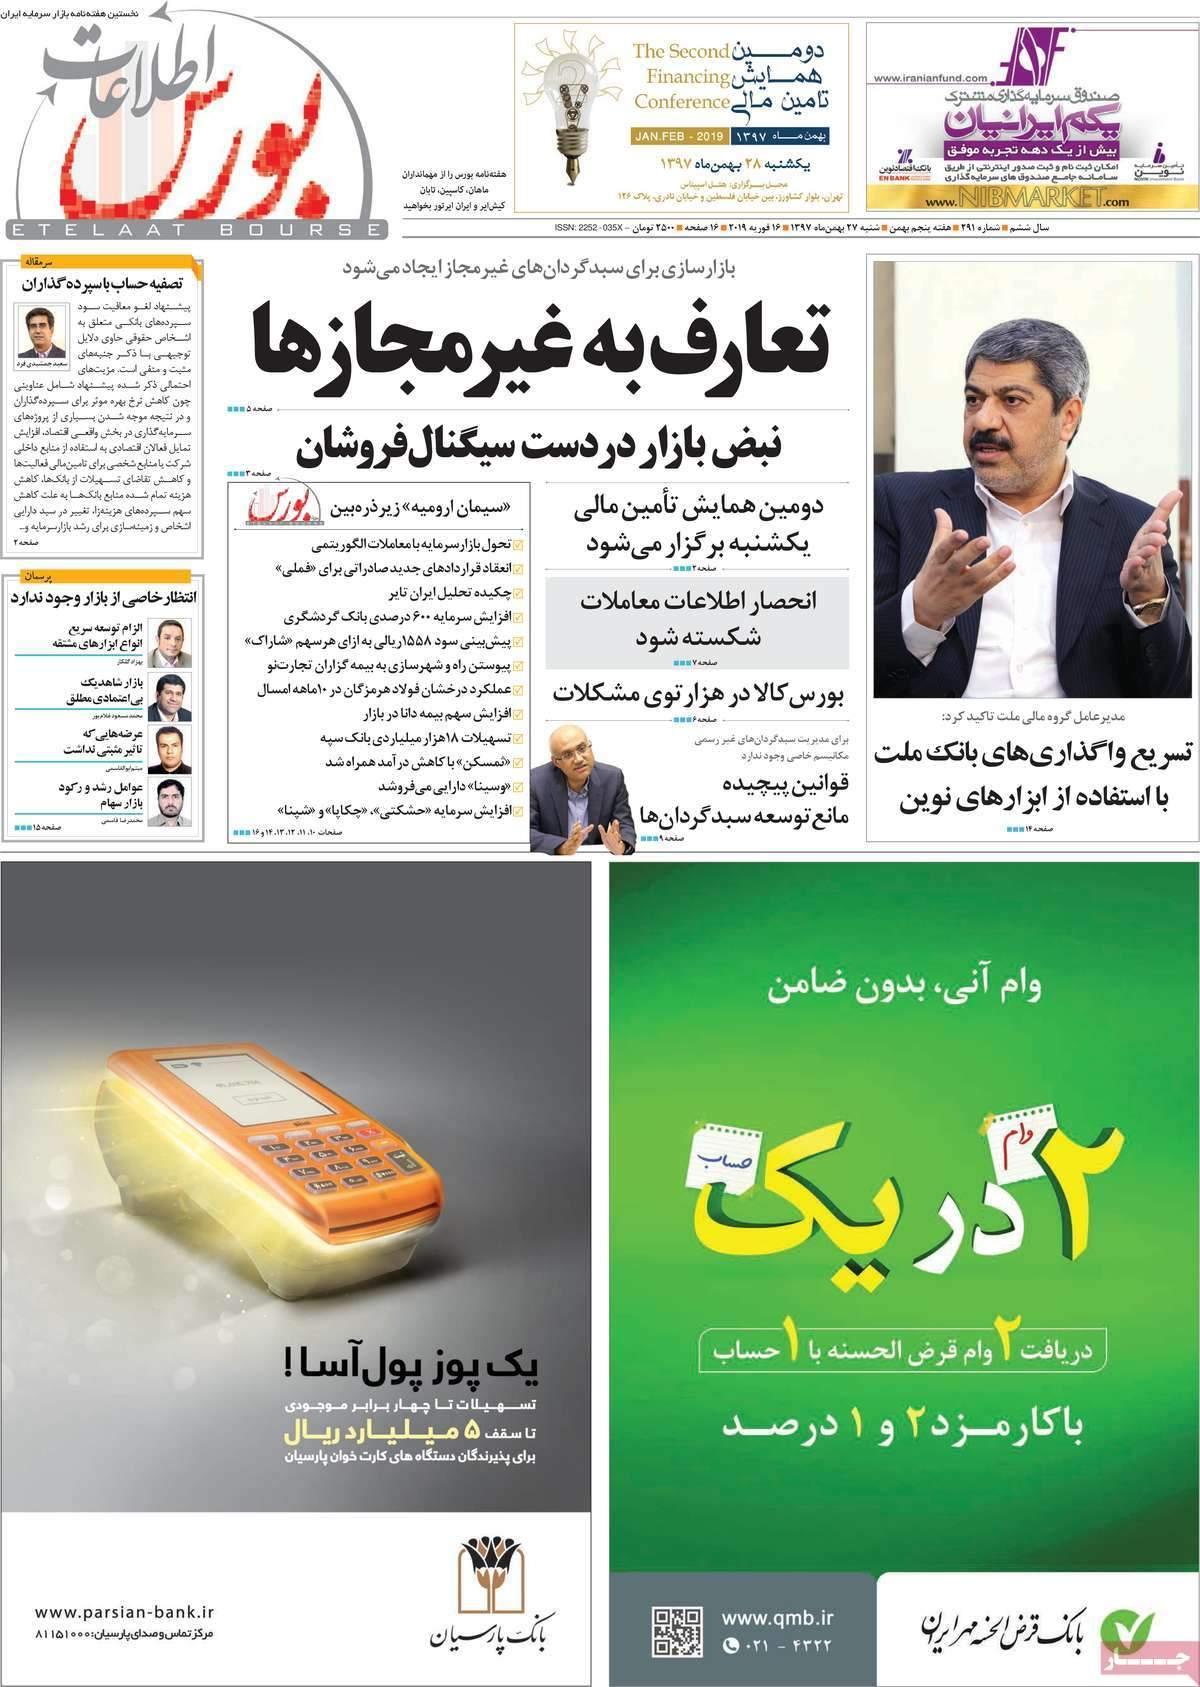 عناوین مجله و هفته نامه های شنبه بیست و هفتم بهمن ۱۳۹۷,روزنامه,روزنامه های امروز,مجلات